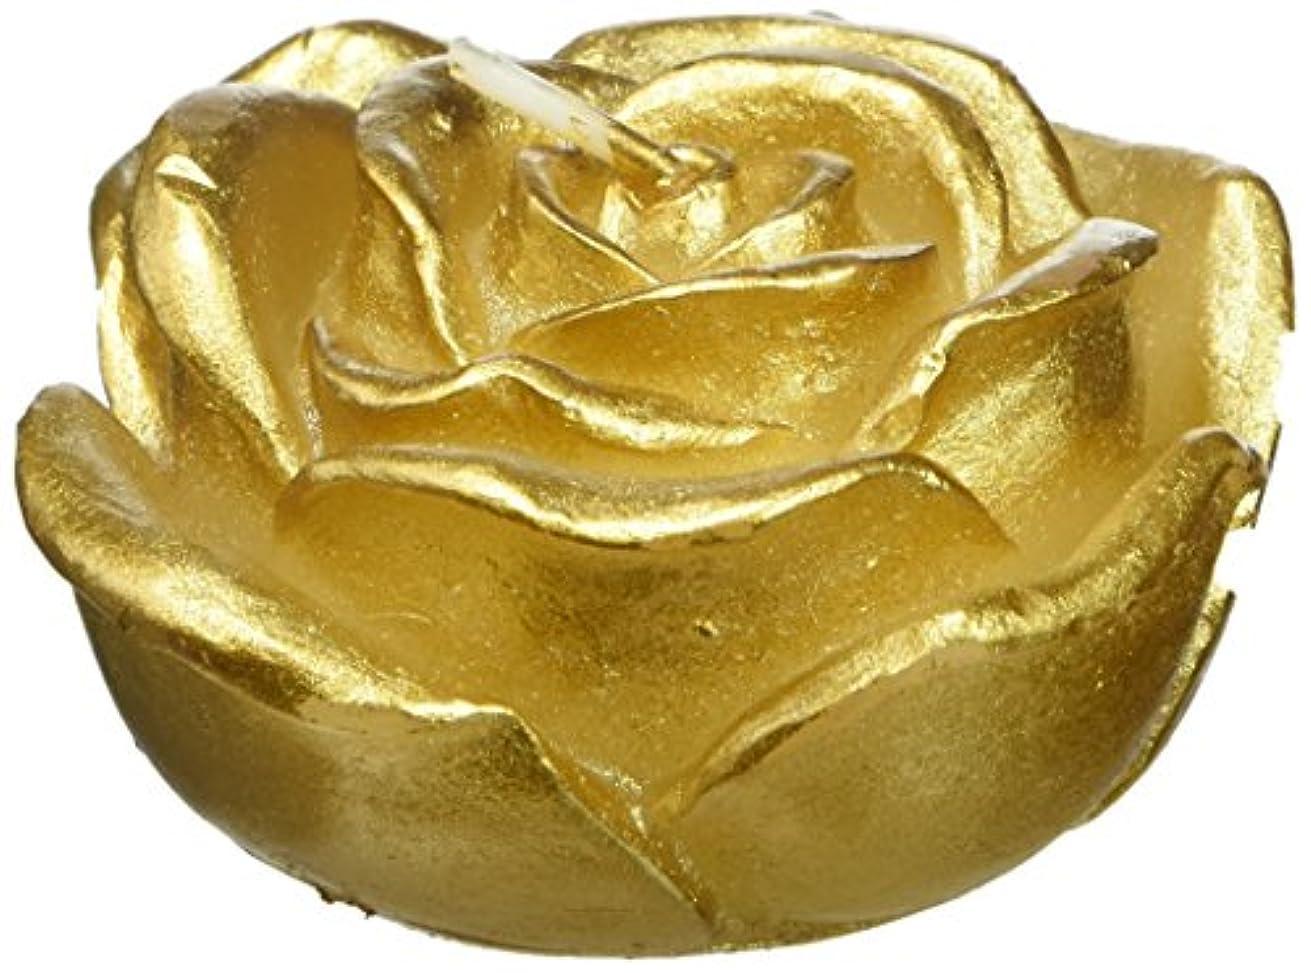 シビック興奮する以内にZest Candle CFZ-101 3 in. Metallic Gold Rose Floating Candles -12pc-Box